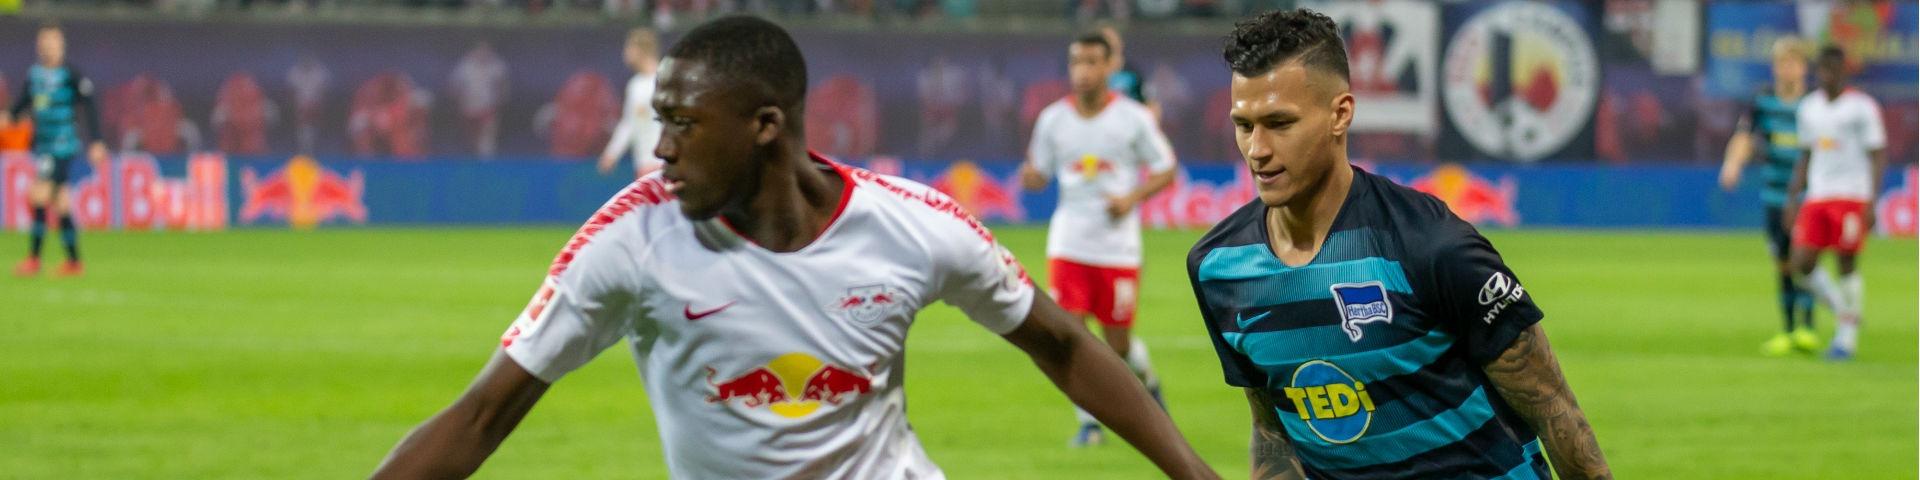 Sportradar продолжит отслеживать ставки на Бундеслигу